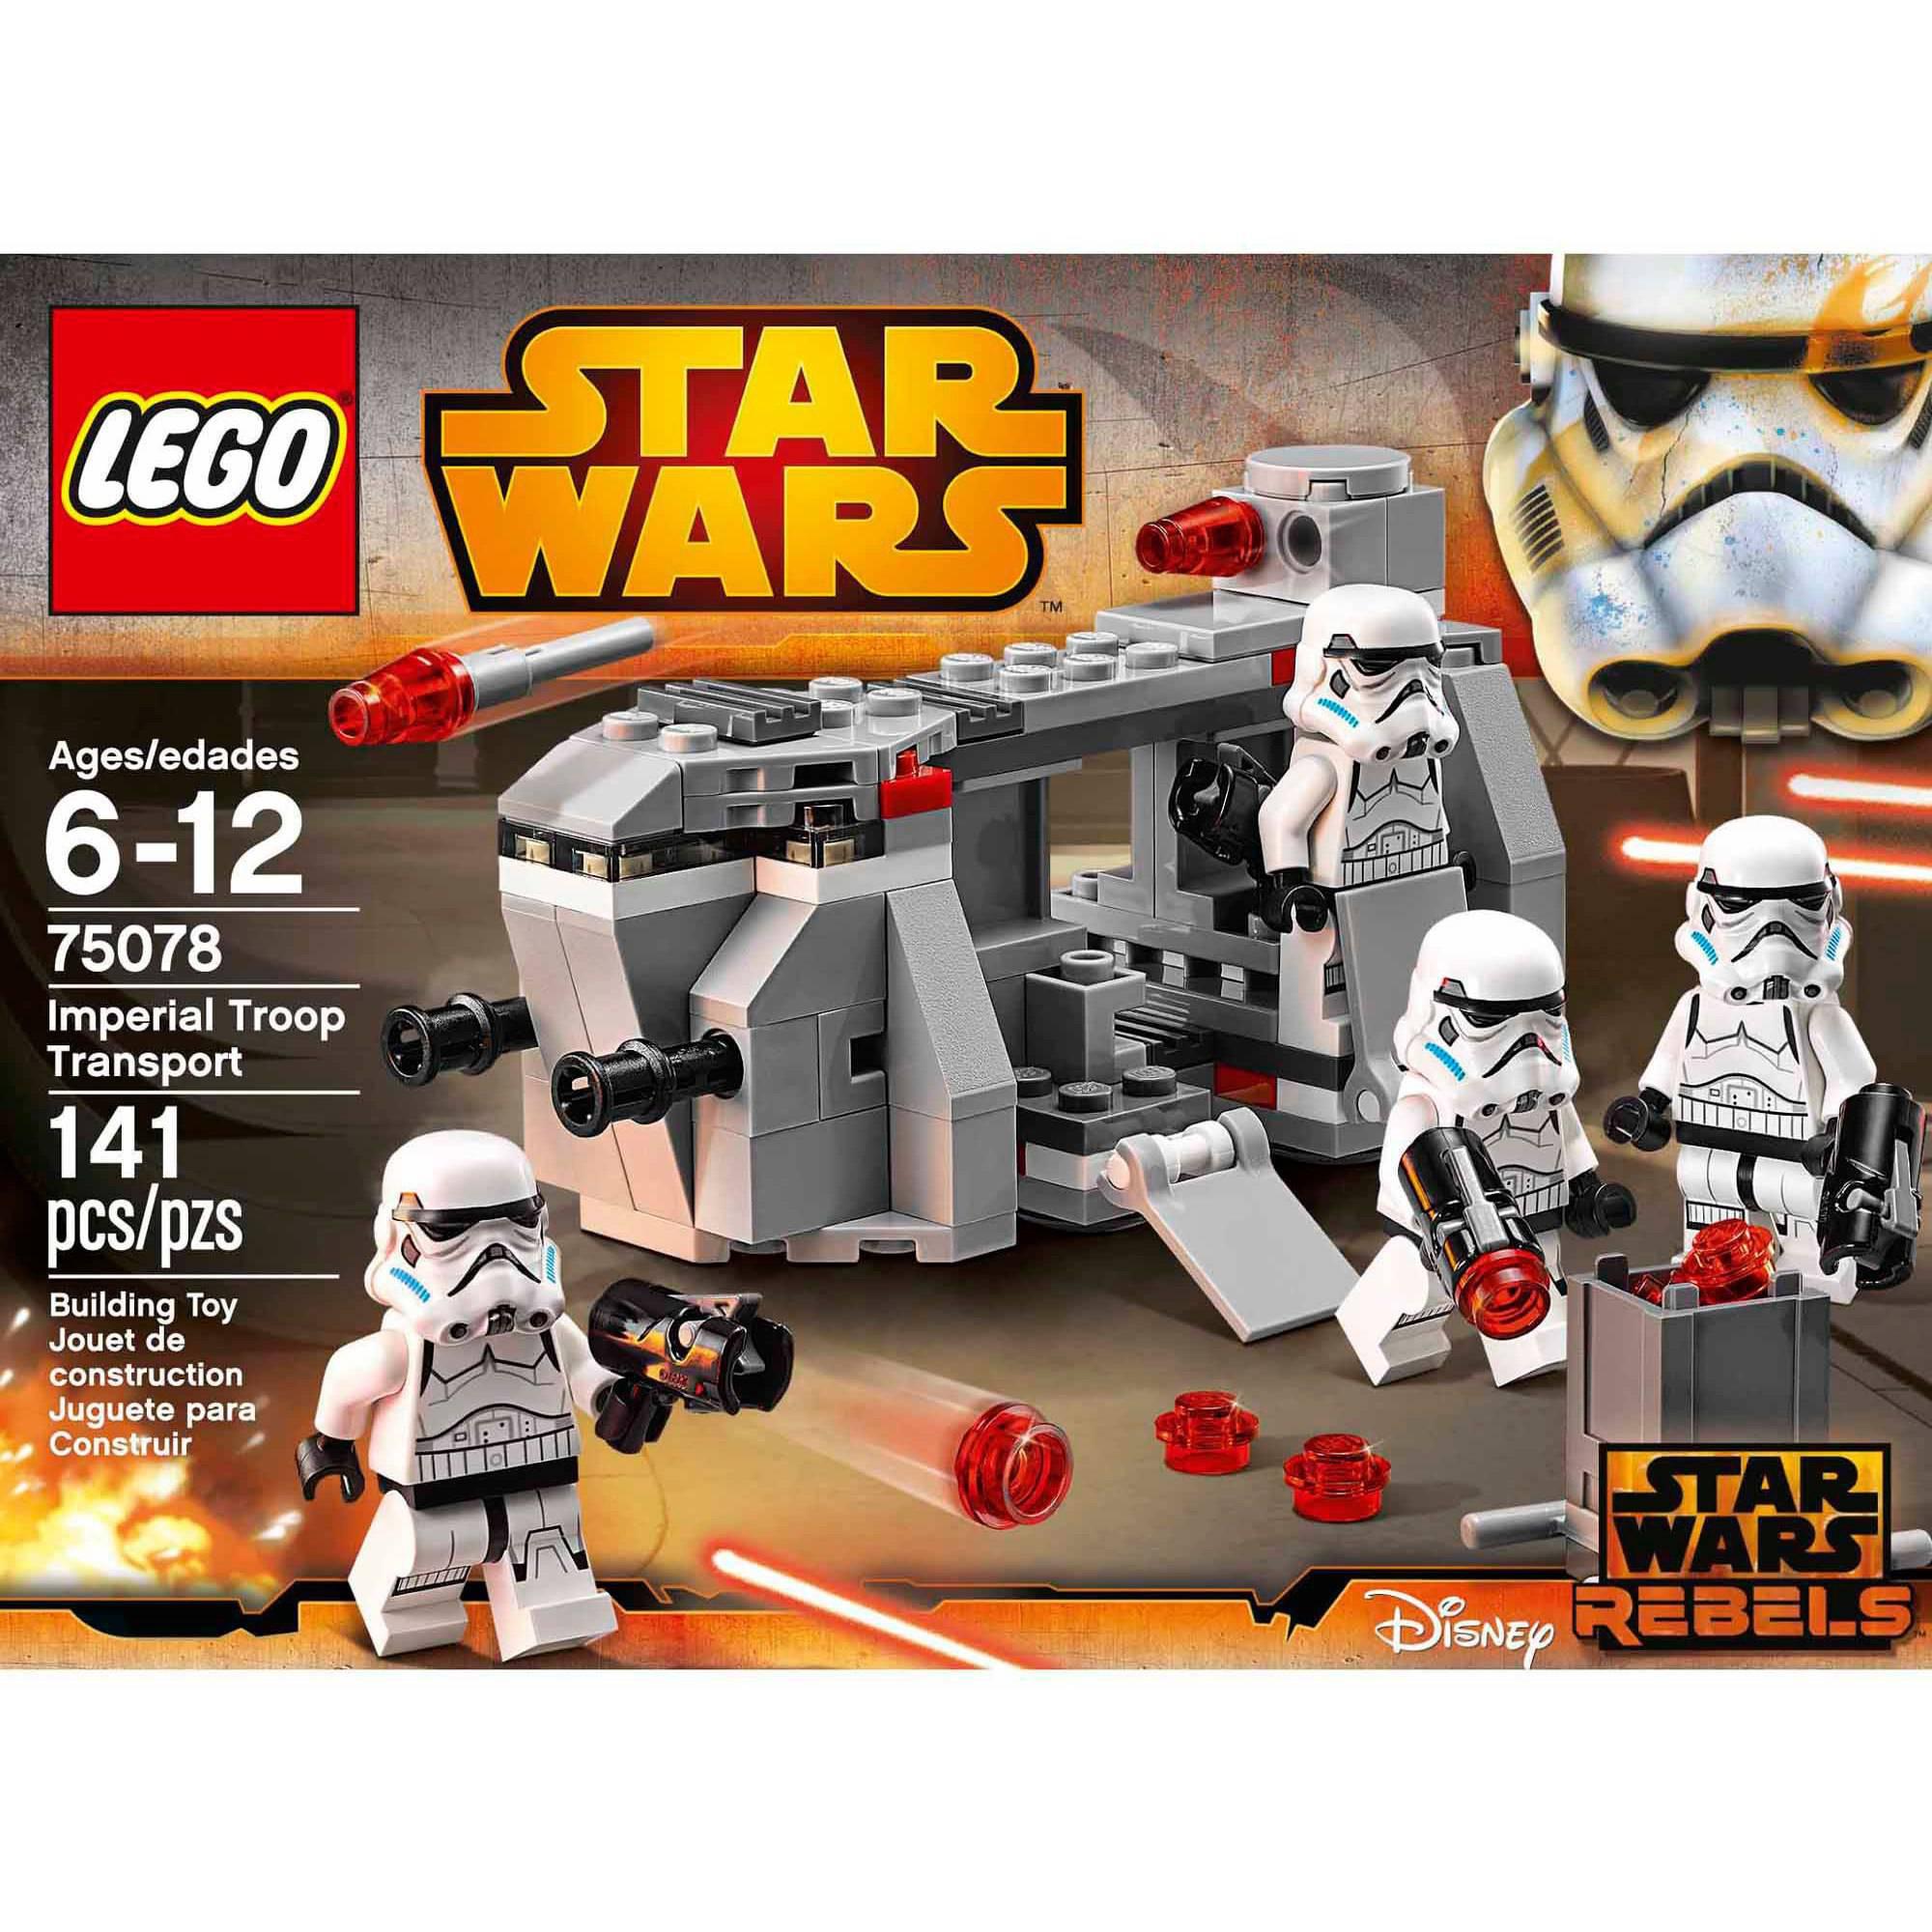 SWR Imperial Troop Transport Lego Set 1